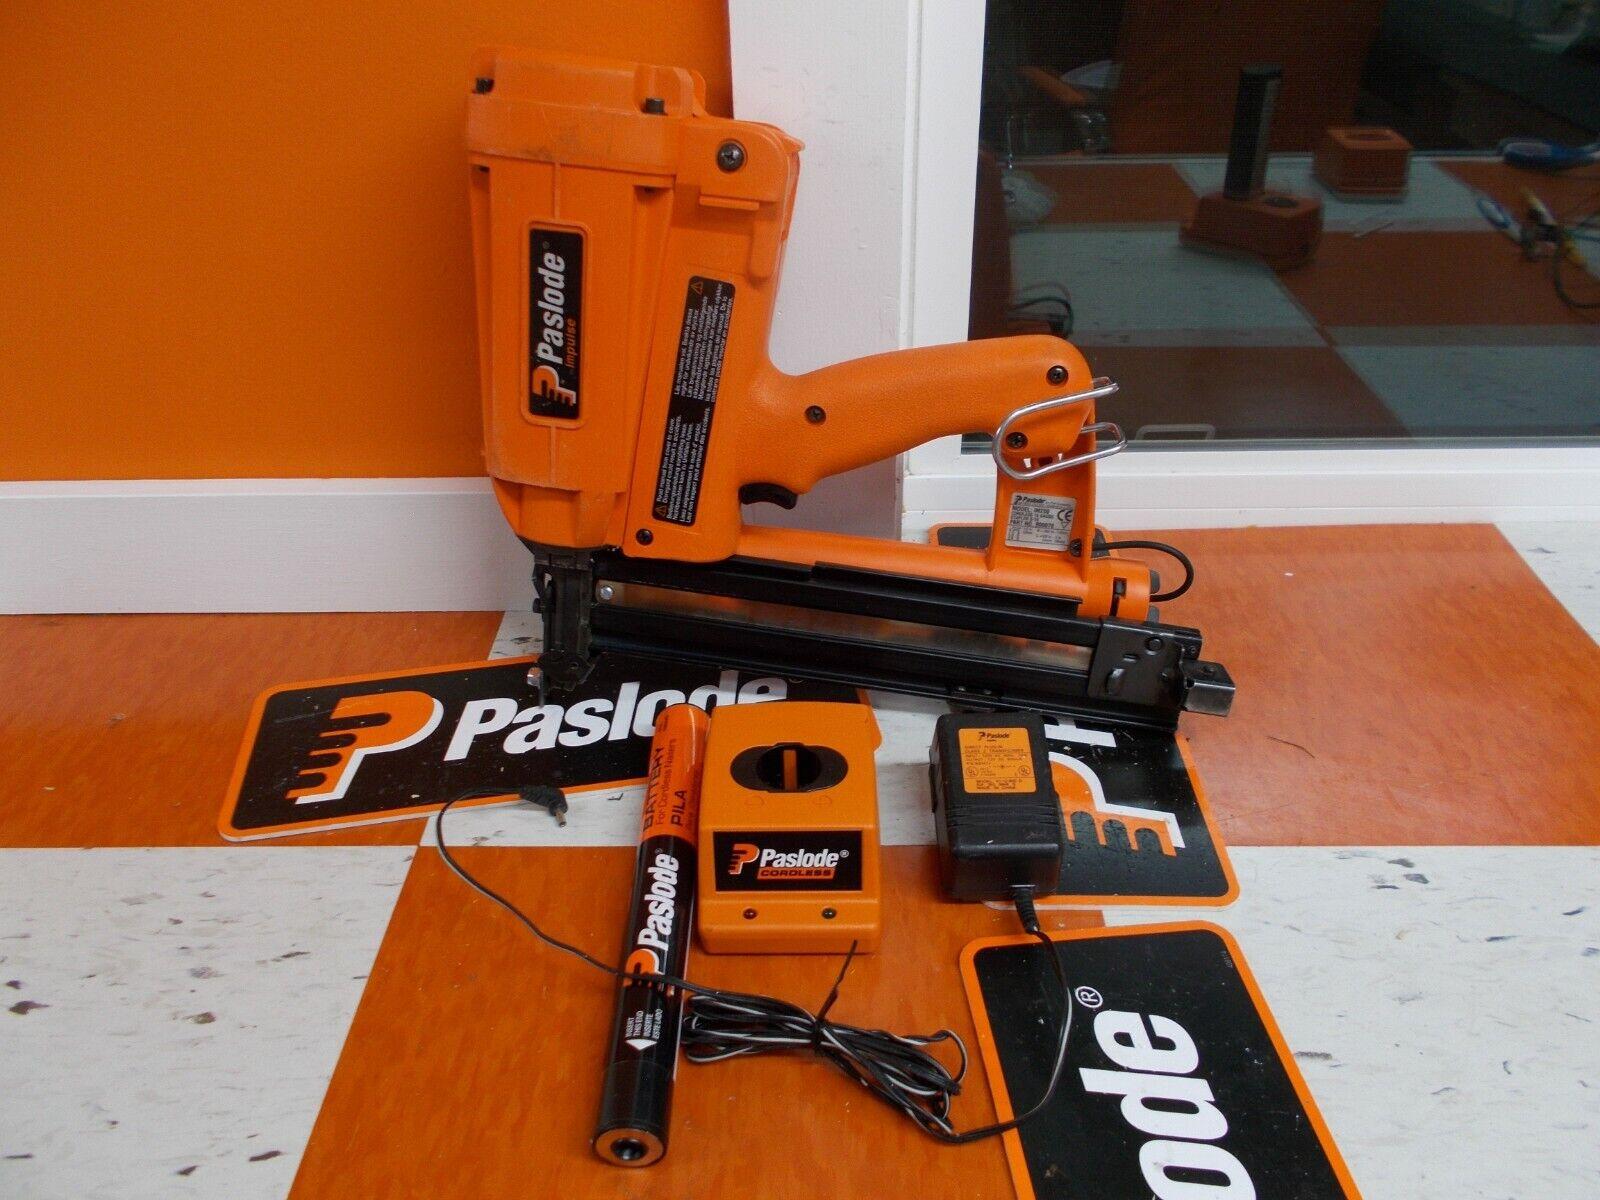 900078 liondiamondtools Paslode IM200-S16 Cordless Utility Stapler, 3/4 to 2 # 900078